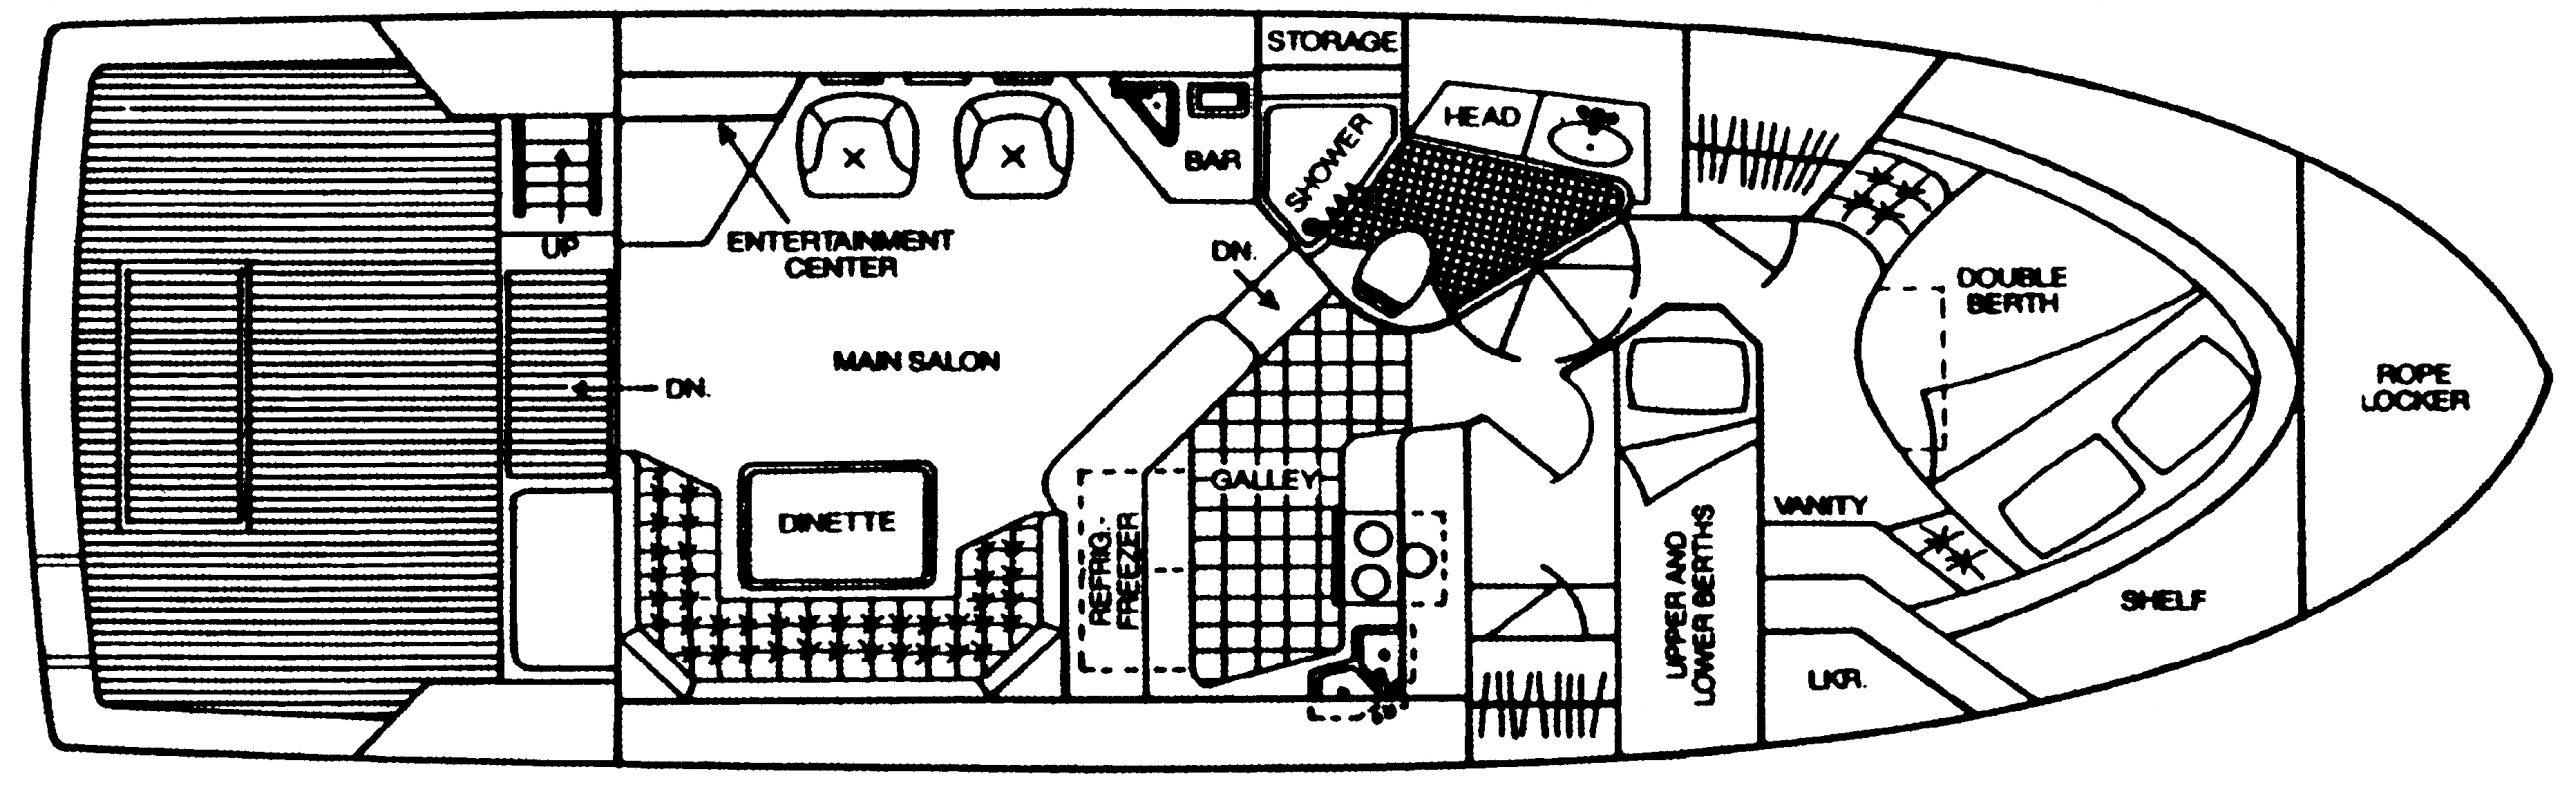 430-440 Convertible Floor Plan 1